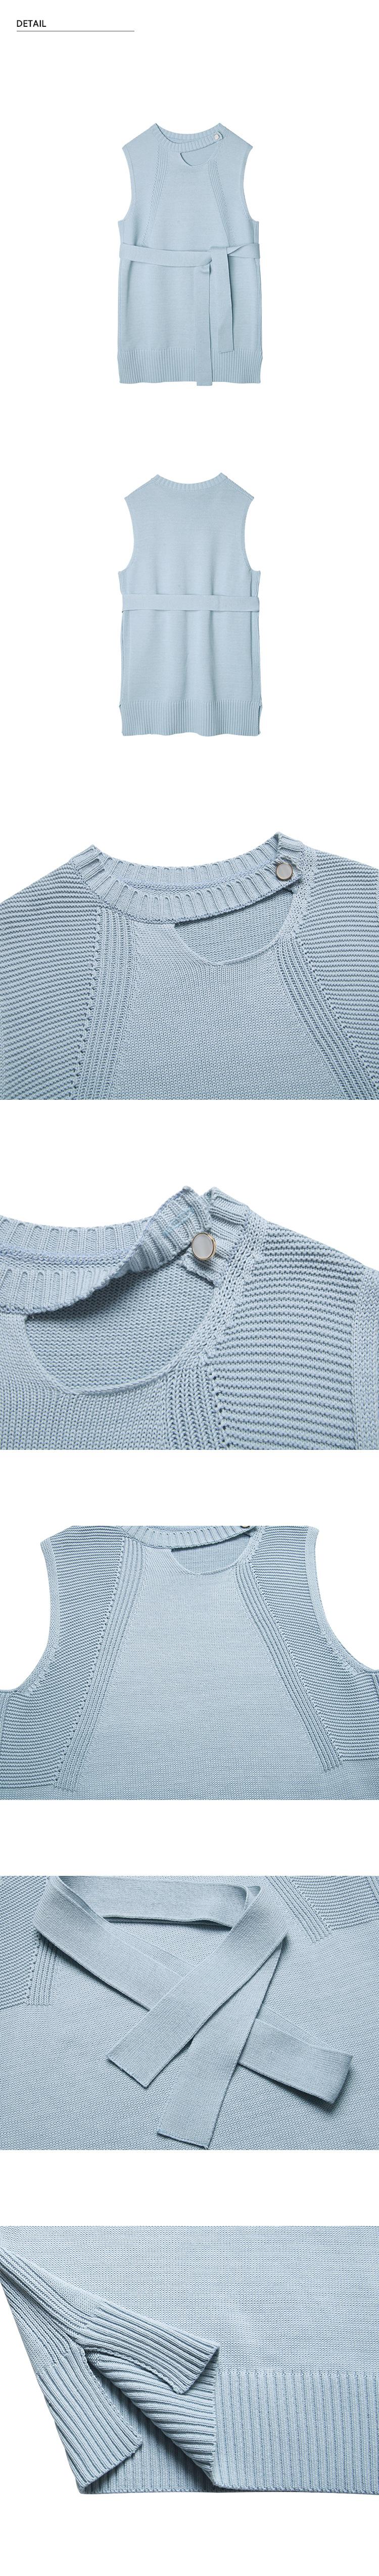 몬츠(MONTS) 860 choker vest knit (light blue)